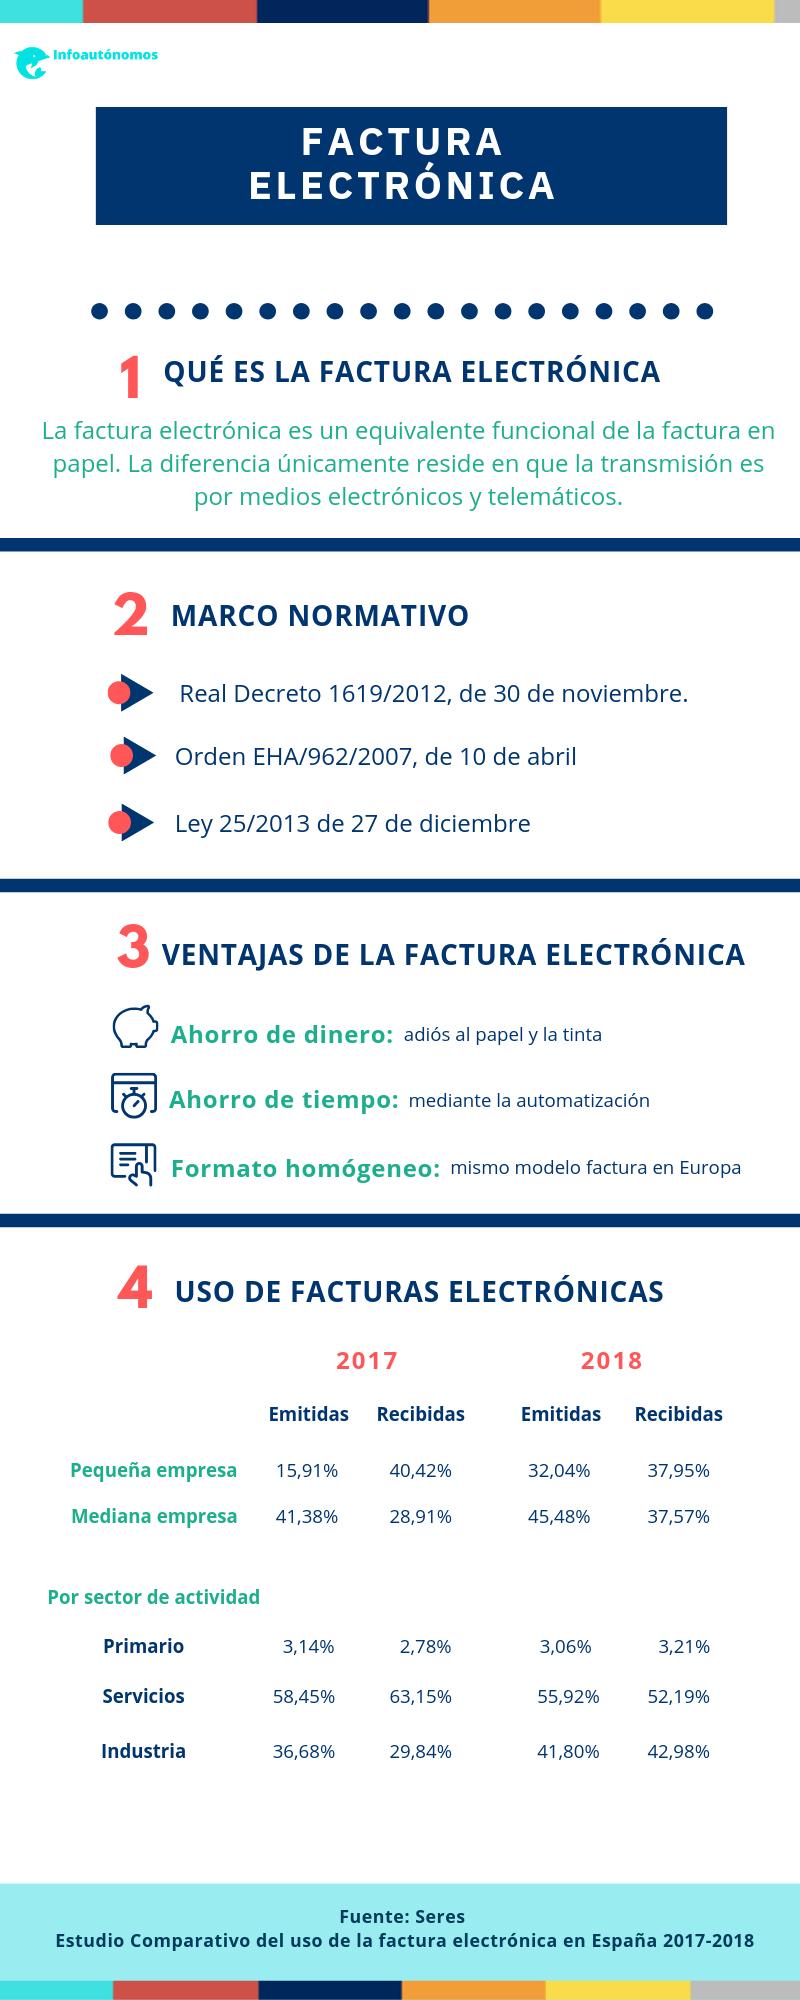 Factura electrónica en España